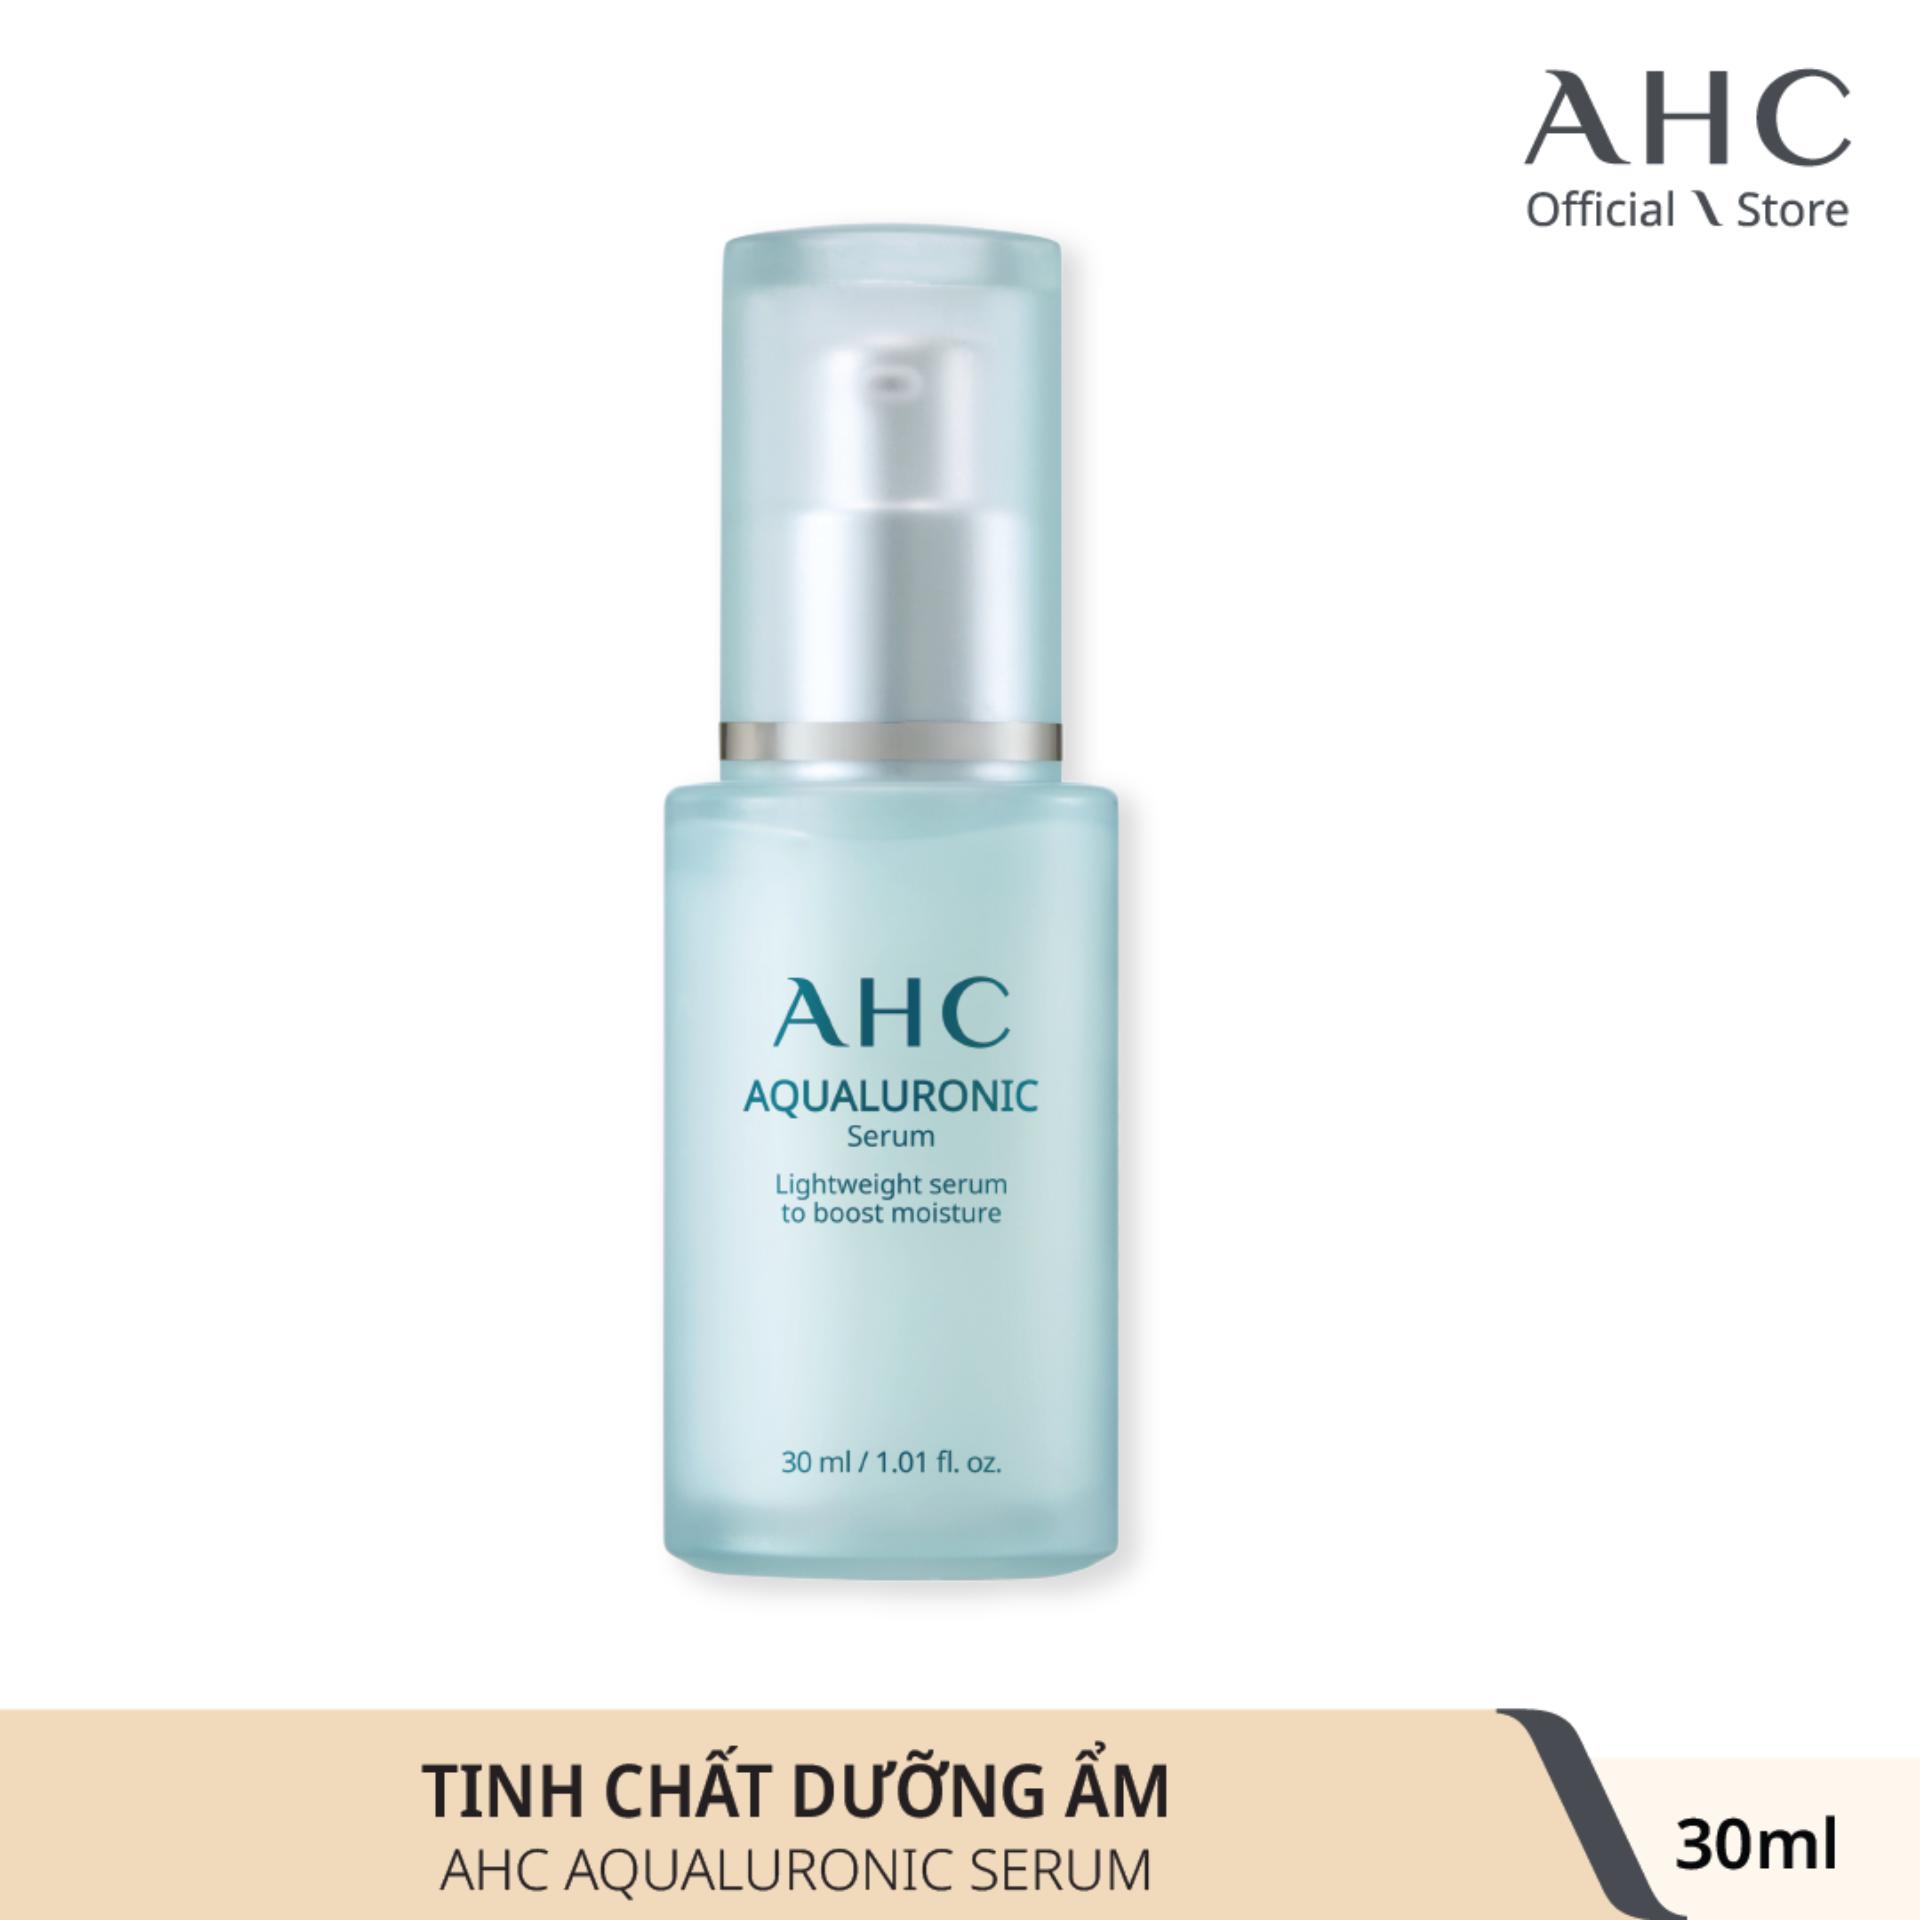 Tinh Chất Dưỡng Ẩm AHC Aqualuronic Serum 30ml